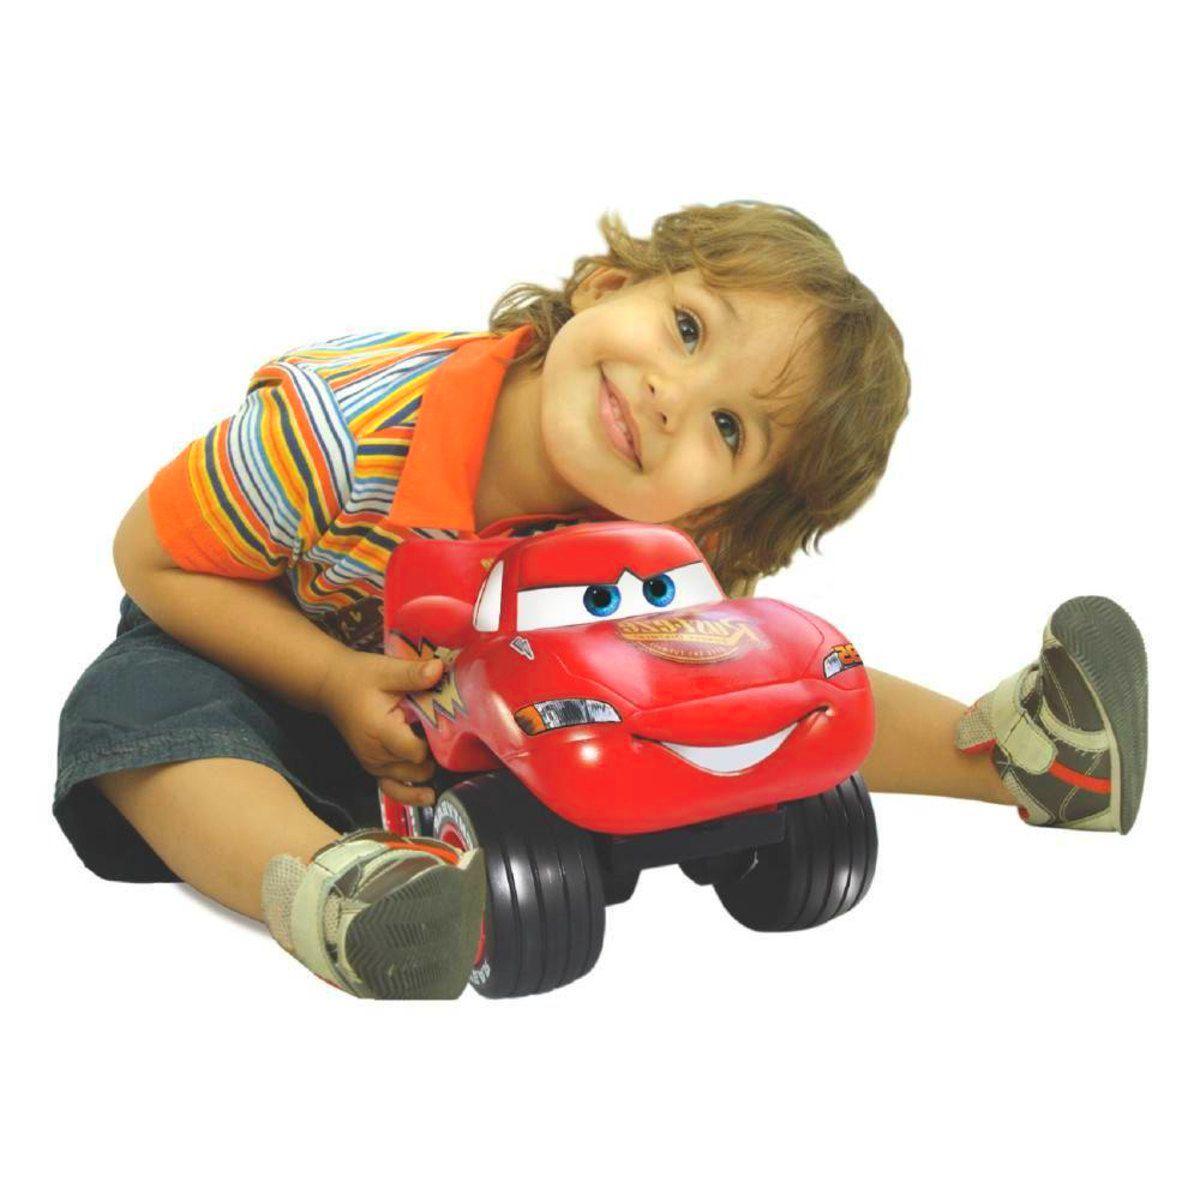 Relâmpago Macqueen Carrinho Infantil e Bebê Emborrachado Roda Livre 25cm Disney